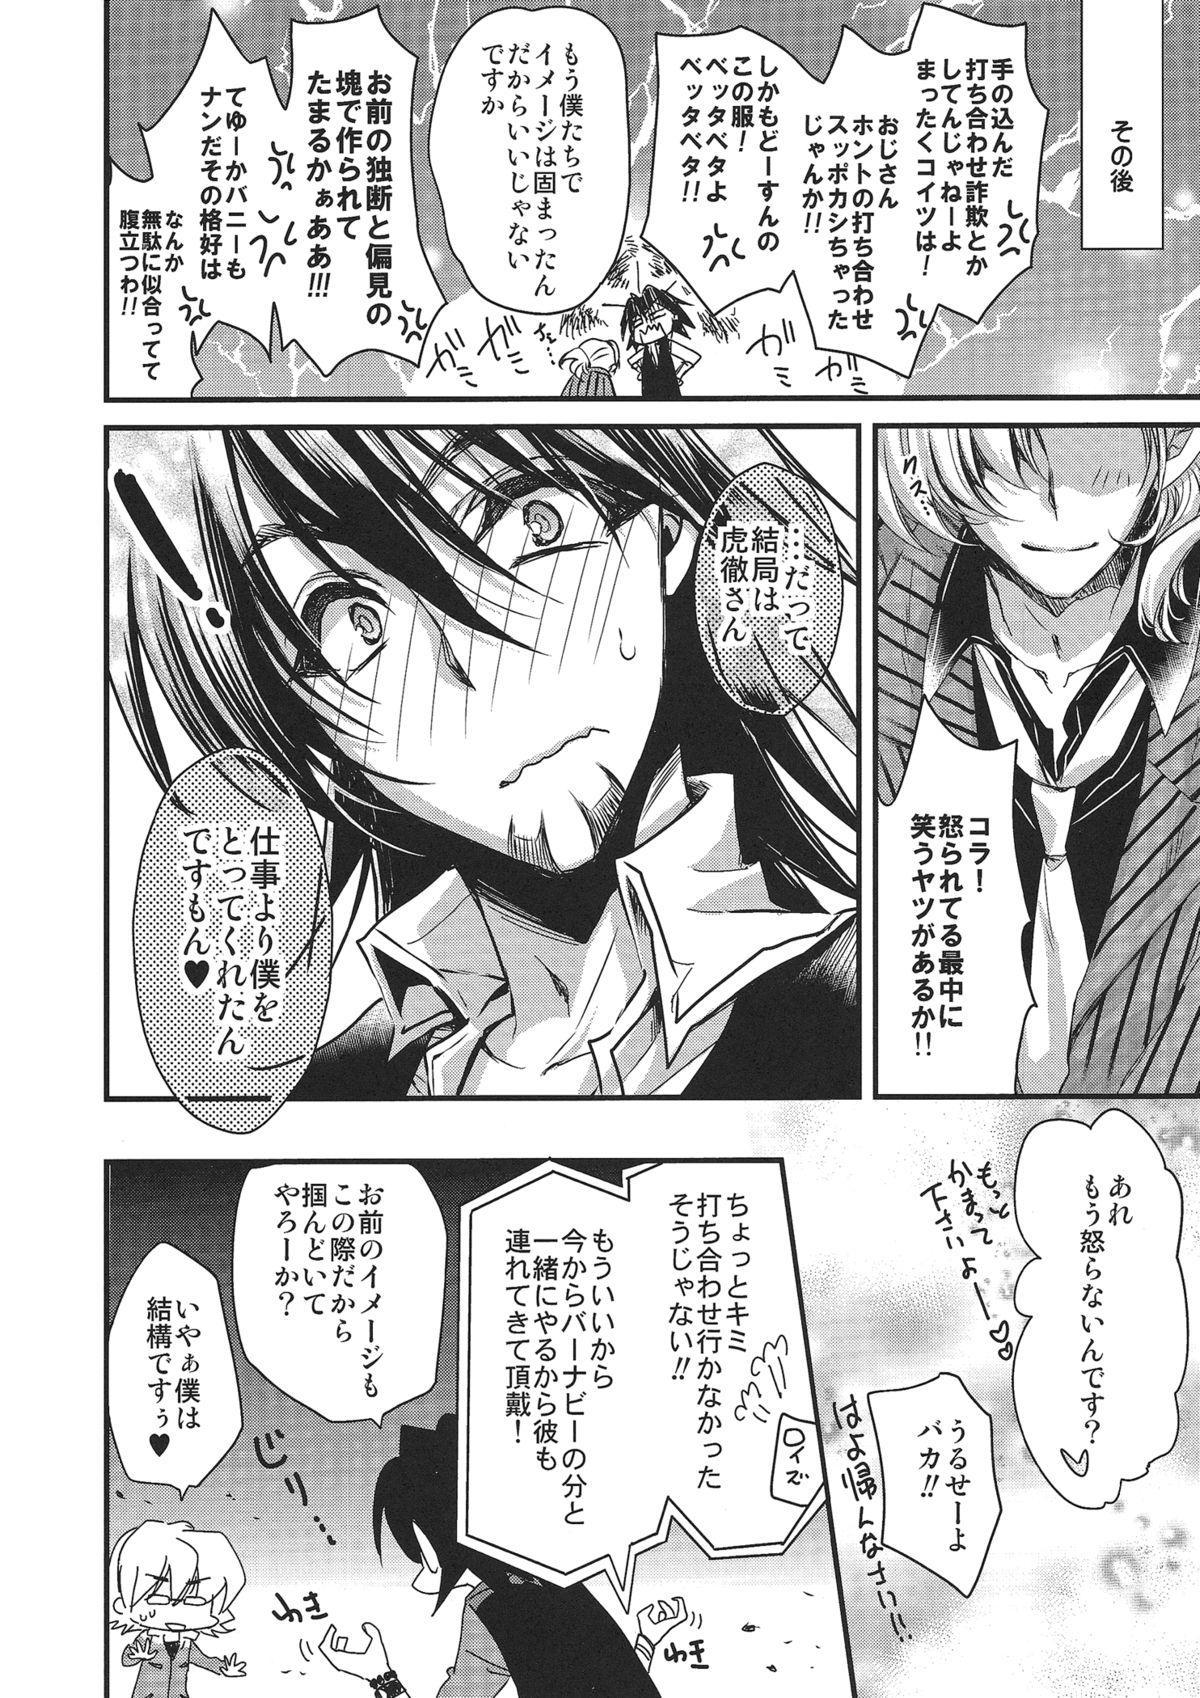 Boku to Kotetsu-san no Kote Shoku! 13